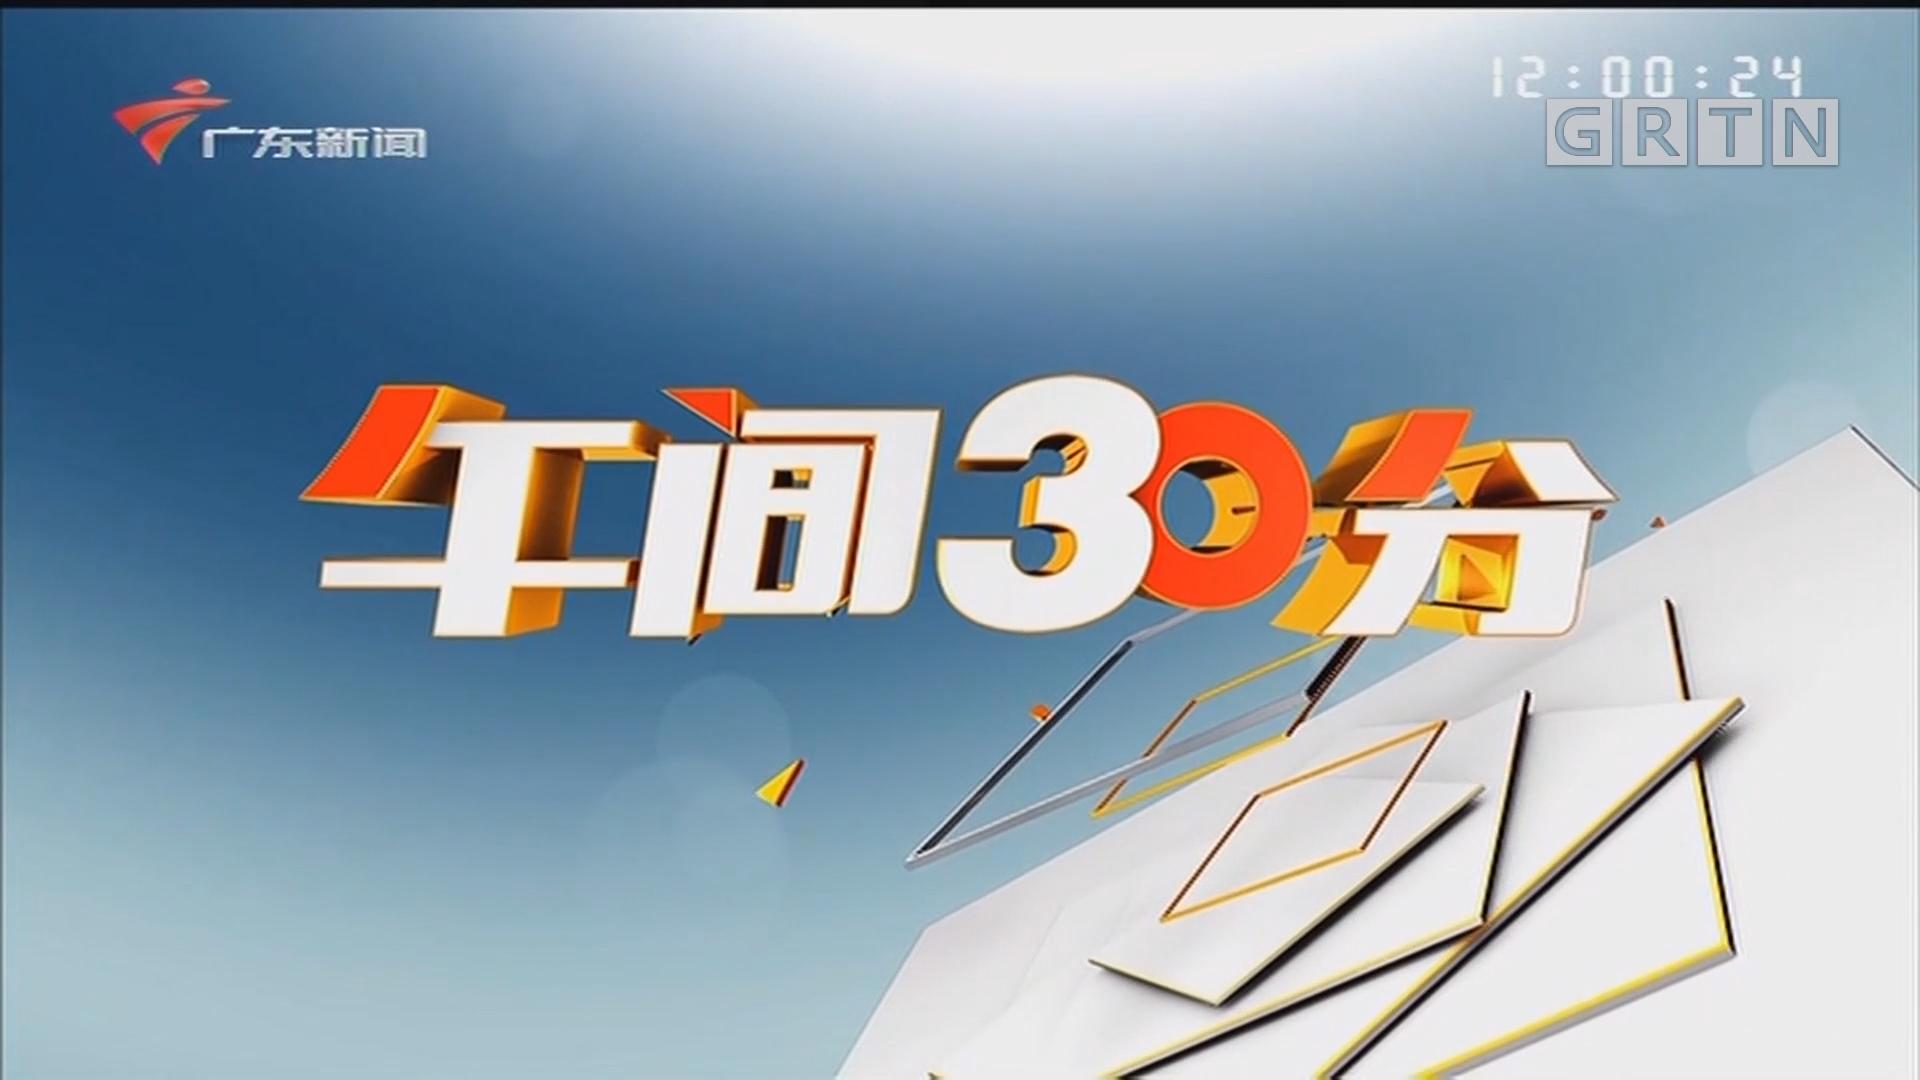 [HD][2020-05-02]午間30分:廣州越秀公園限流入園 疫情防控不放松:游客主動配合預約、入口測溫,限流分流